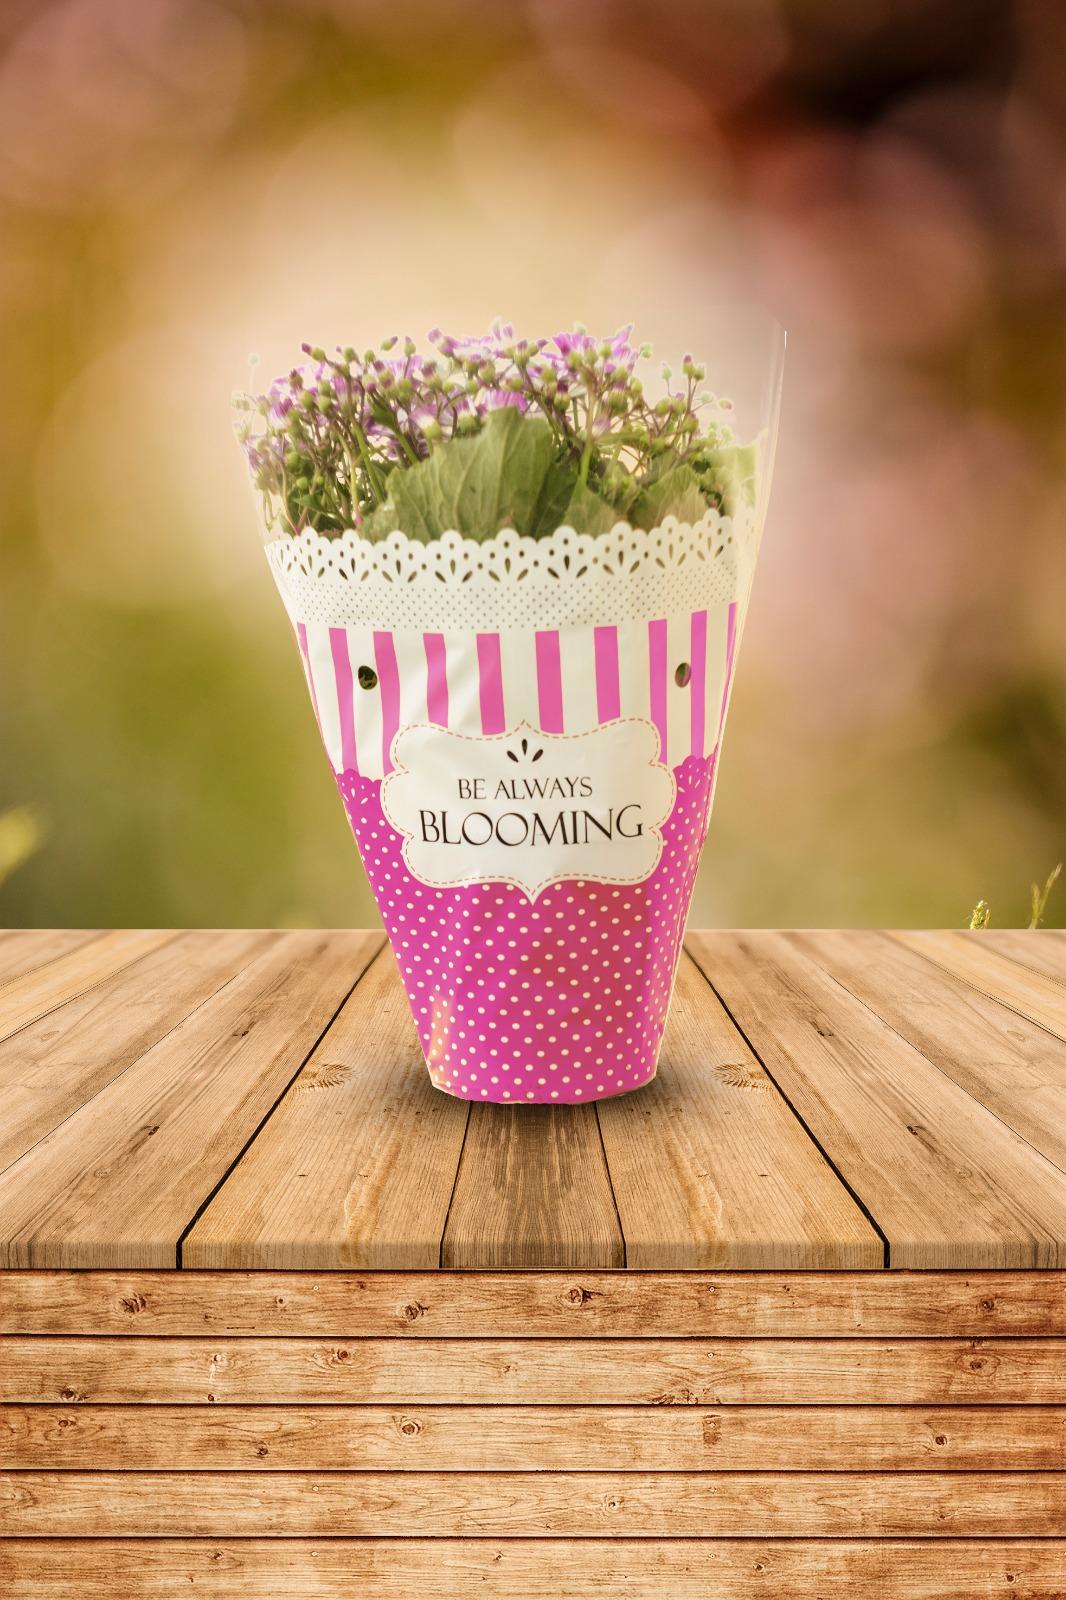 Busta conica per piante fiorite